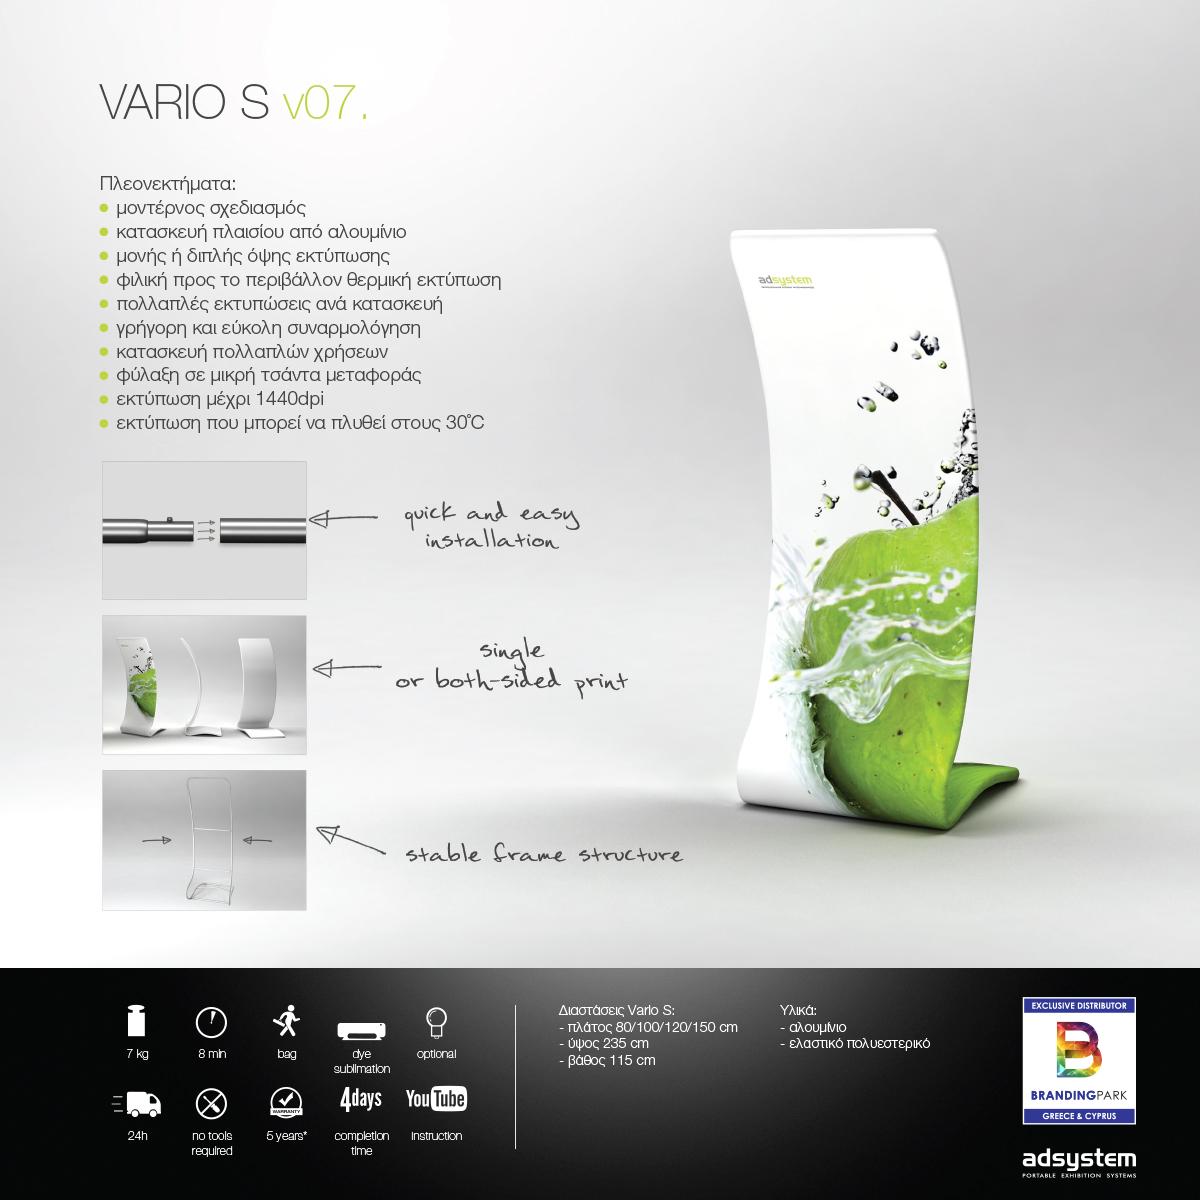 υφασμάτινο backdrop Vario S v07. - Υφασμάτινο banner